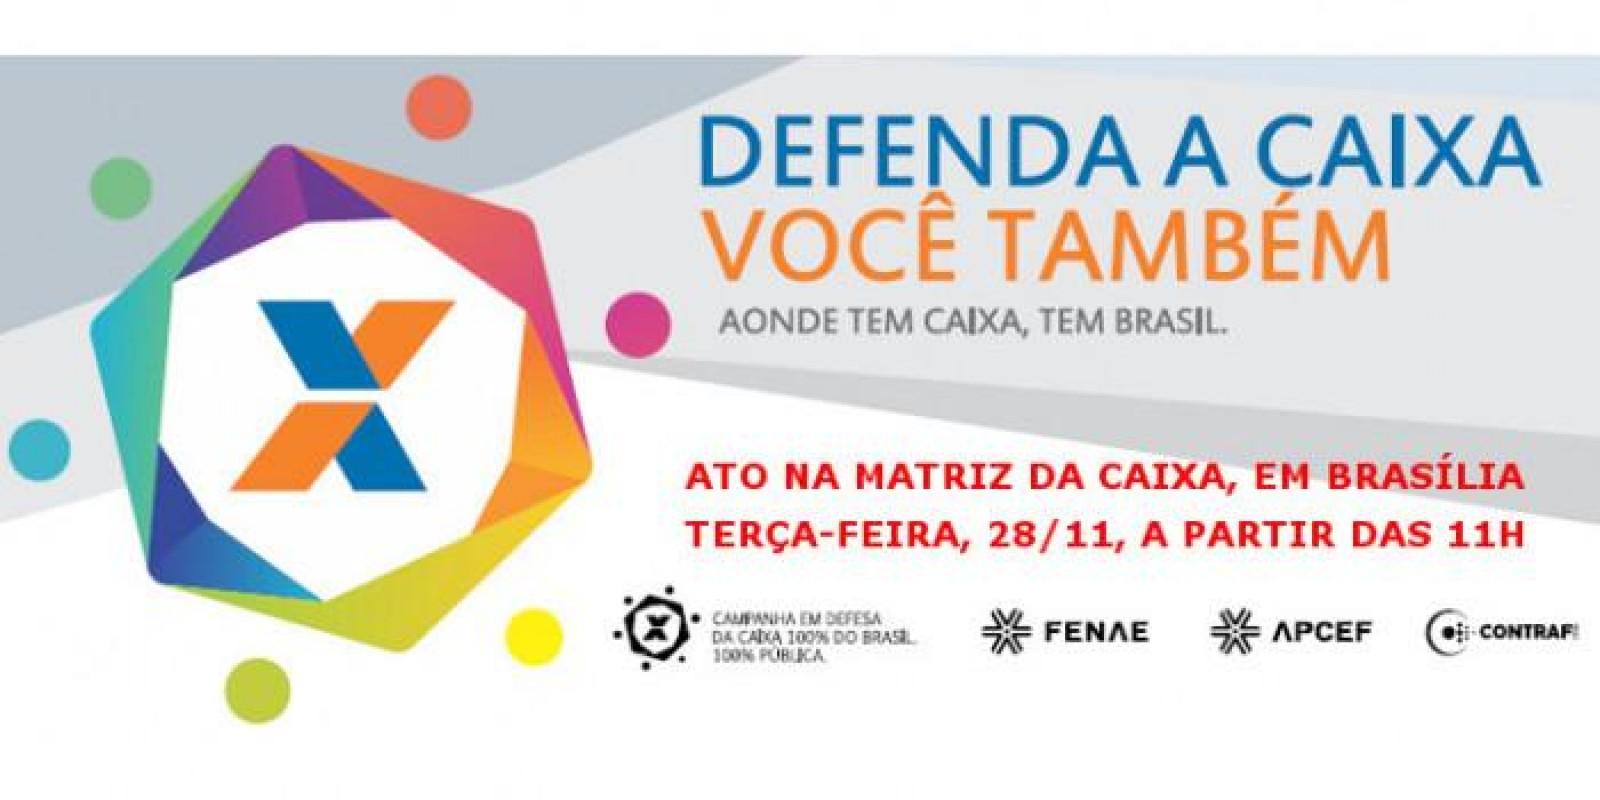 Ato em Brasília pede manutenção da Caixa 100% pública